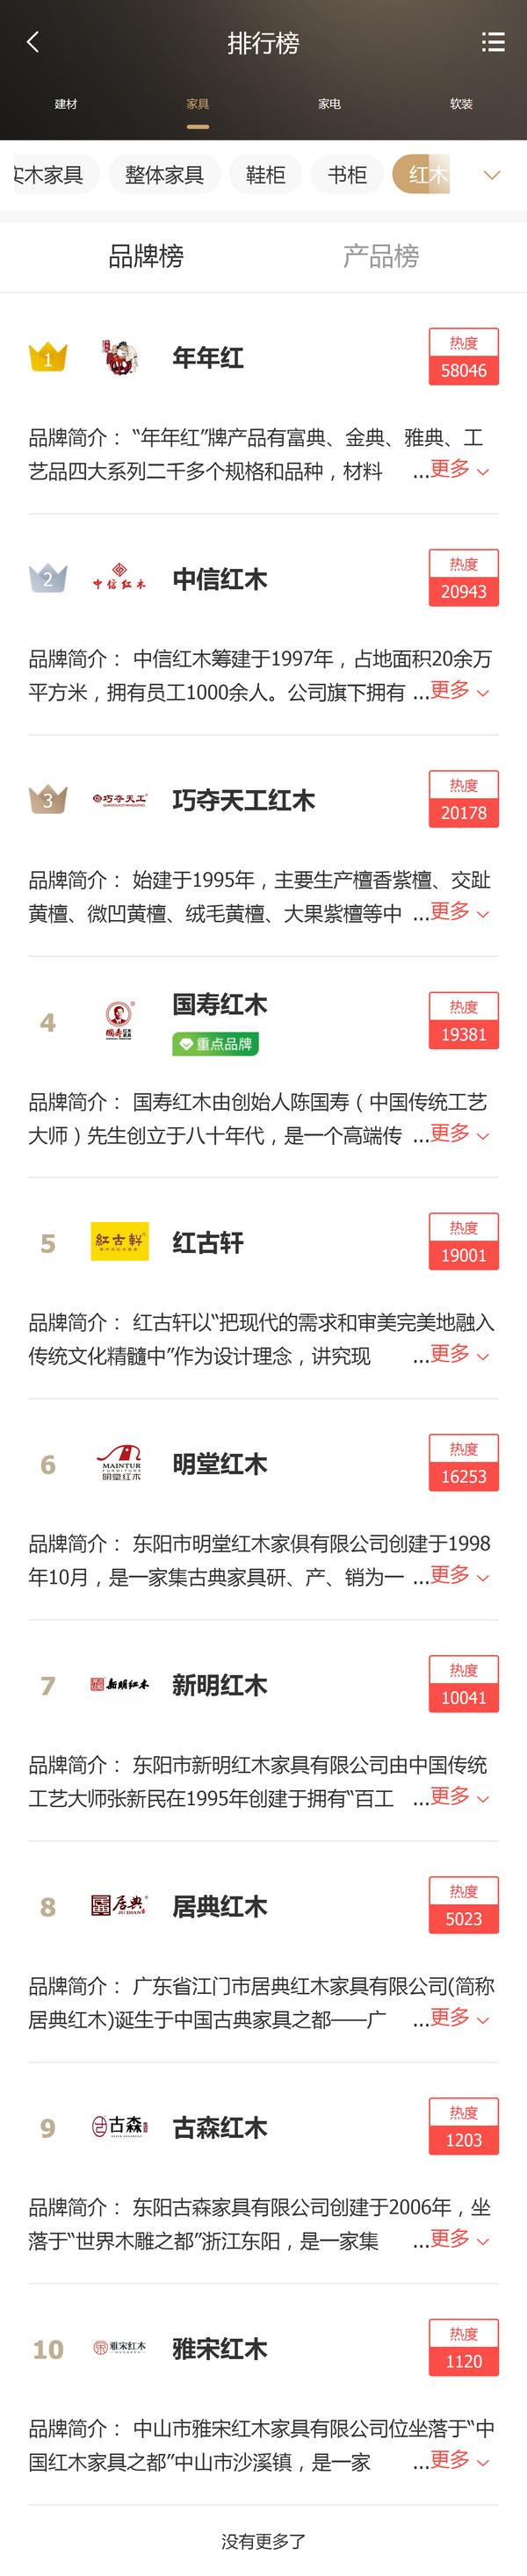 """在360、搜狗、今日头条、QQ浏览器、华为浏览器上搜索""""红木家具""""及""""红木家具品牌""""等热门关键词,都可出现""""红木家具品牌排行榜"""""""